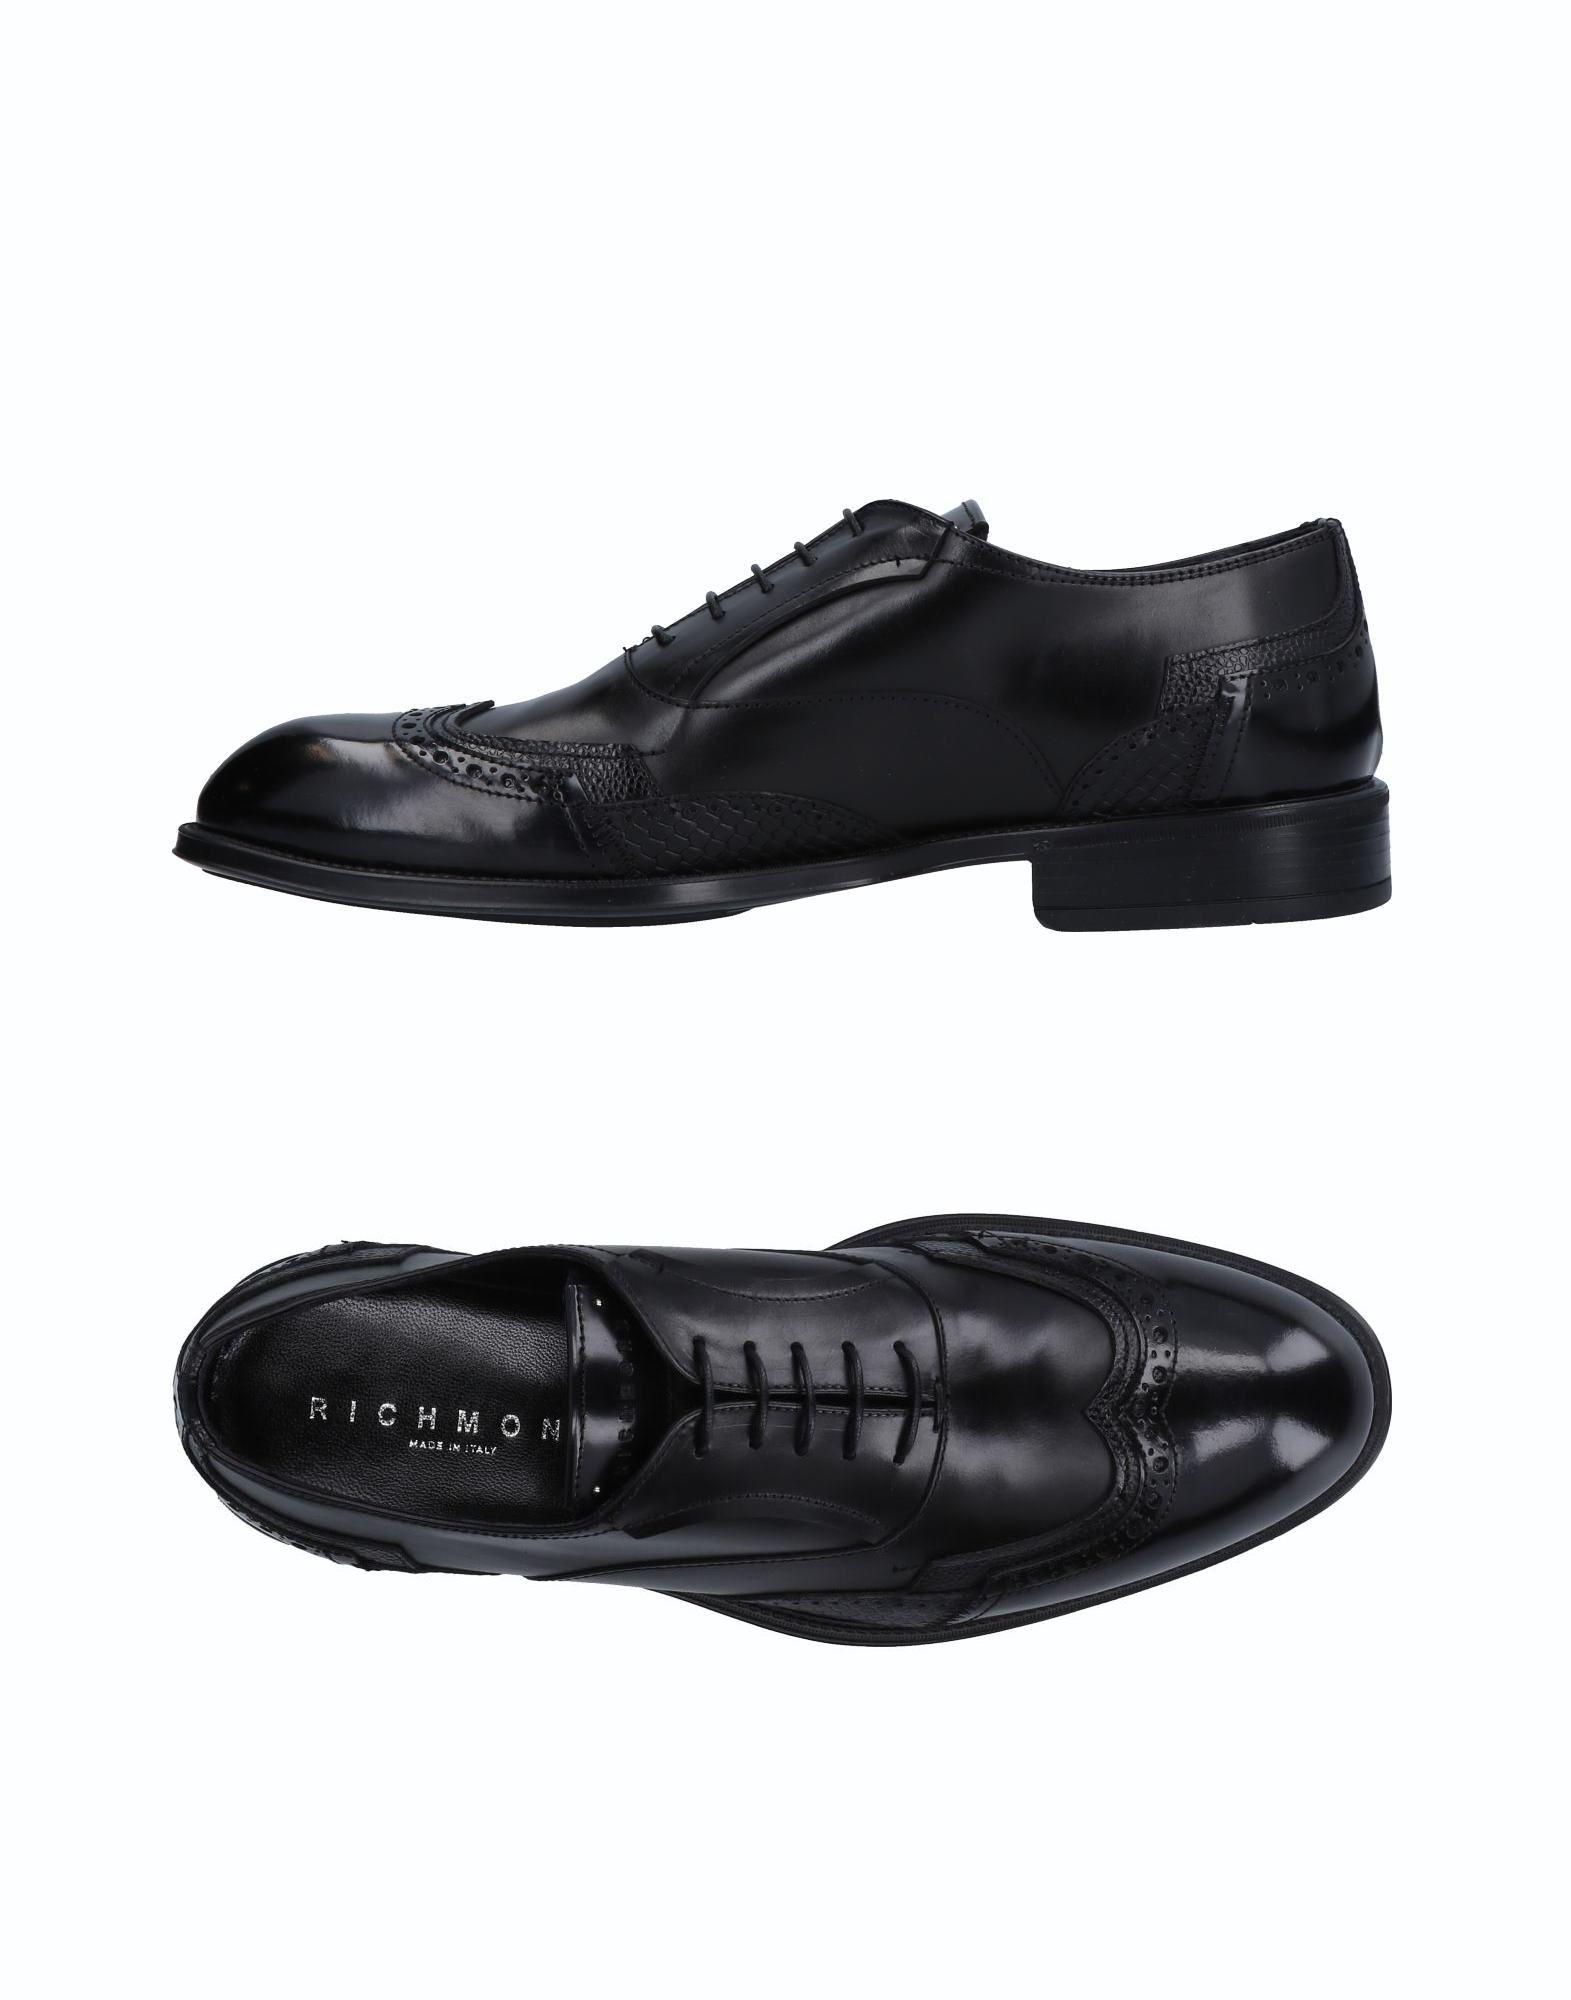 Richmond Schnürschuhe Herren  11515255JR Gute Qualität beliebte Schuhe